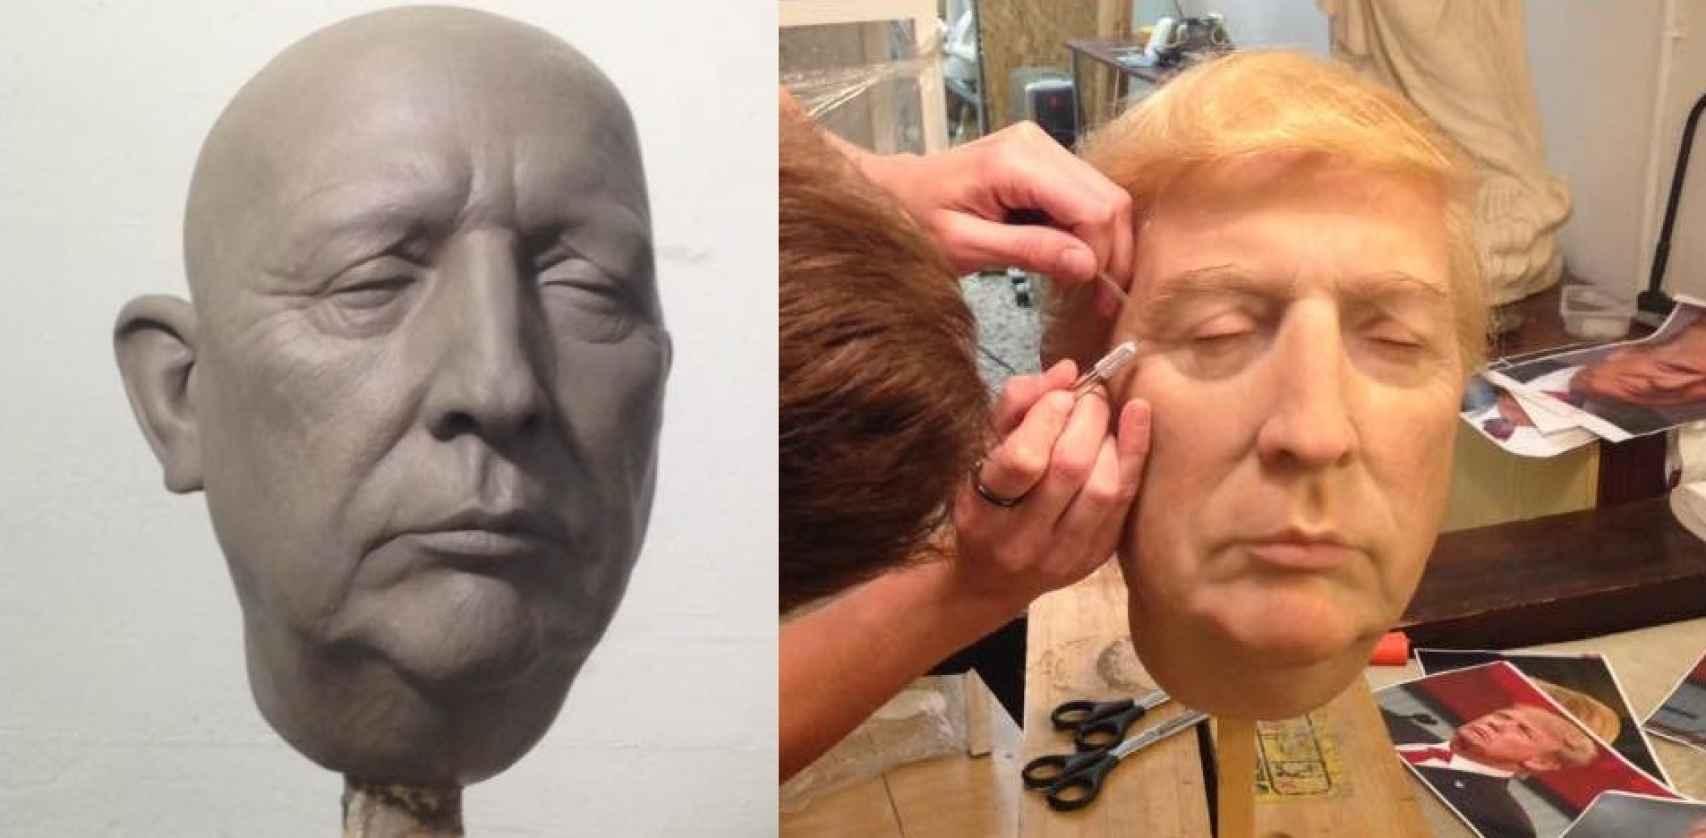 Proceso de creación del busto de Donald Trump.